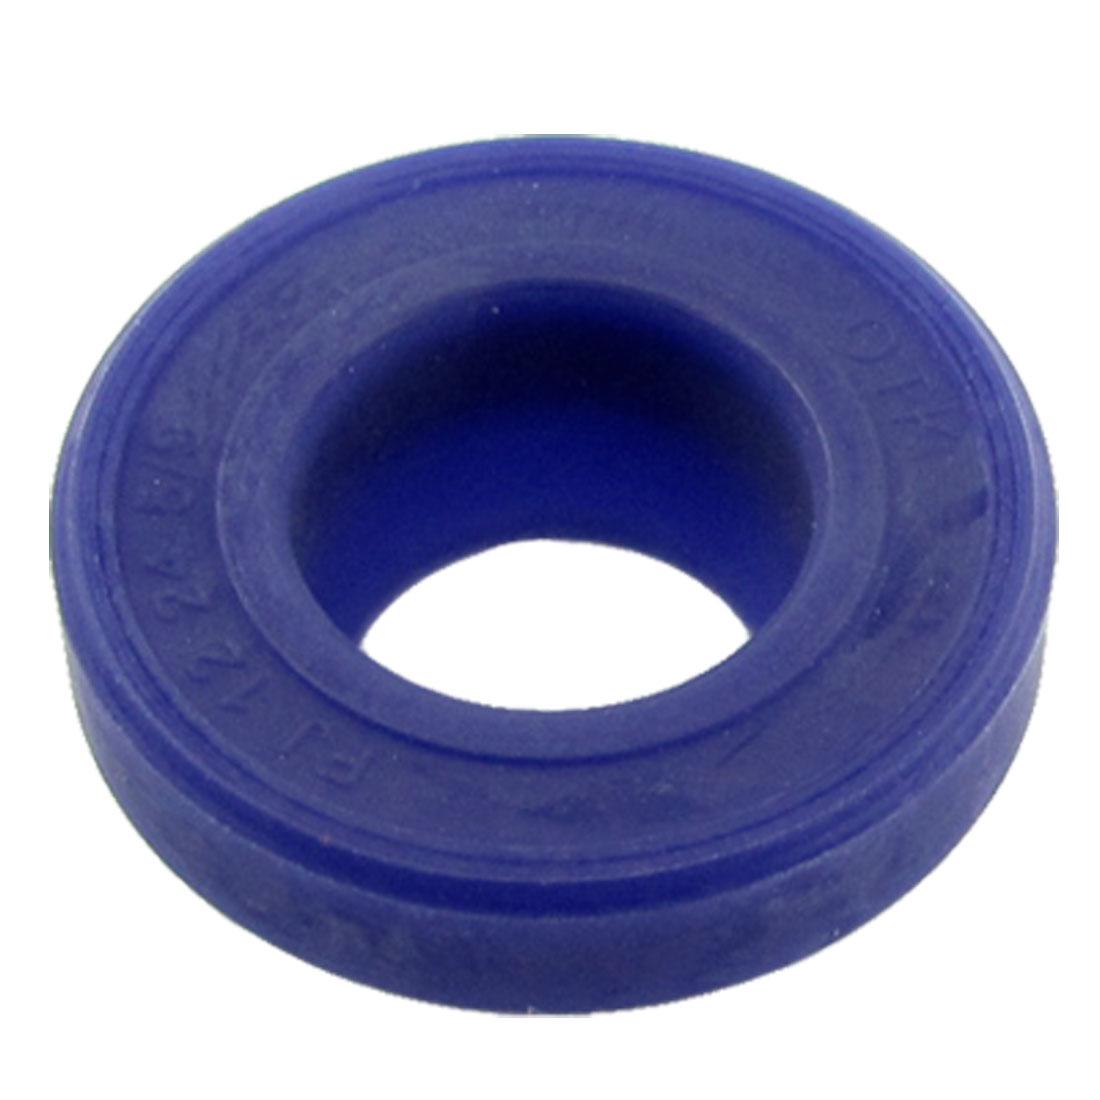 12x24x5x9mm Polyurethane PU Piston Rod Wiper Shaft Oil Seal Dust Lip